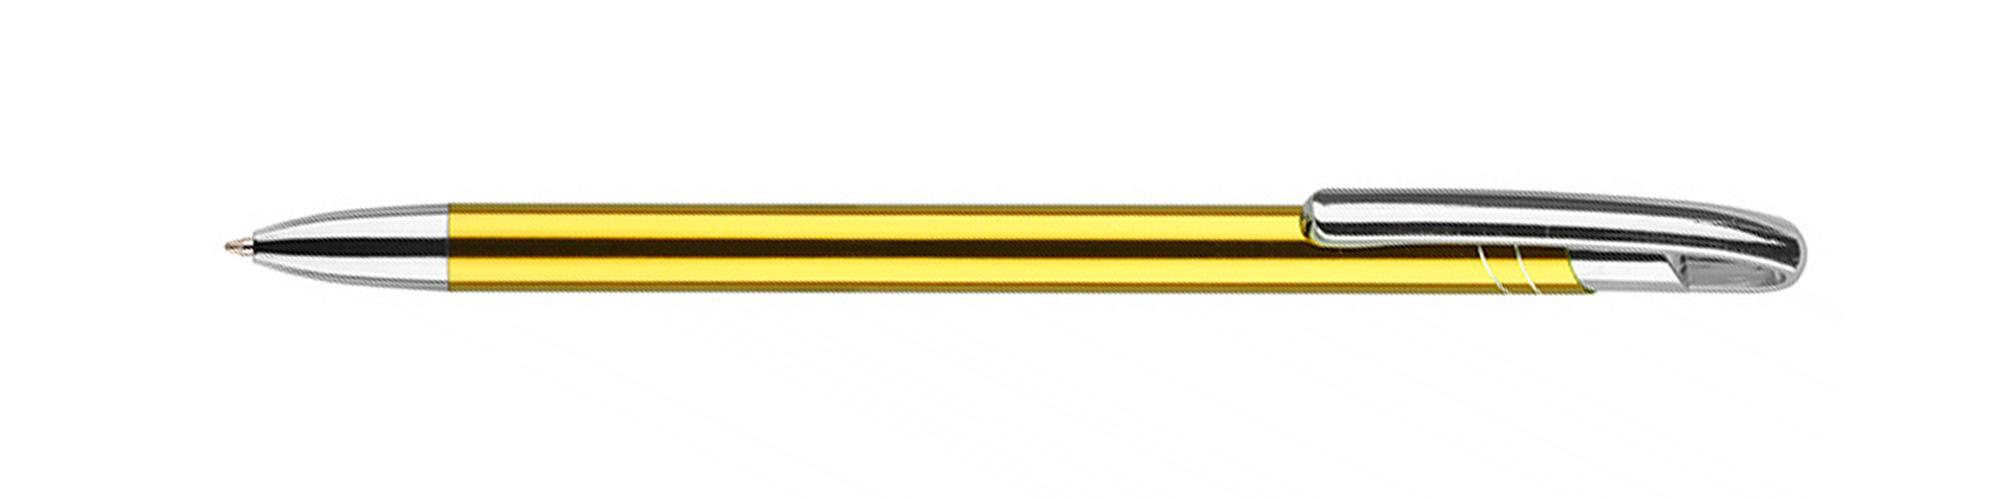 Metalowe długopisy reklamowe – 19620